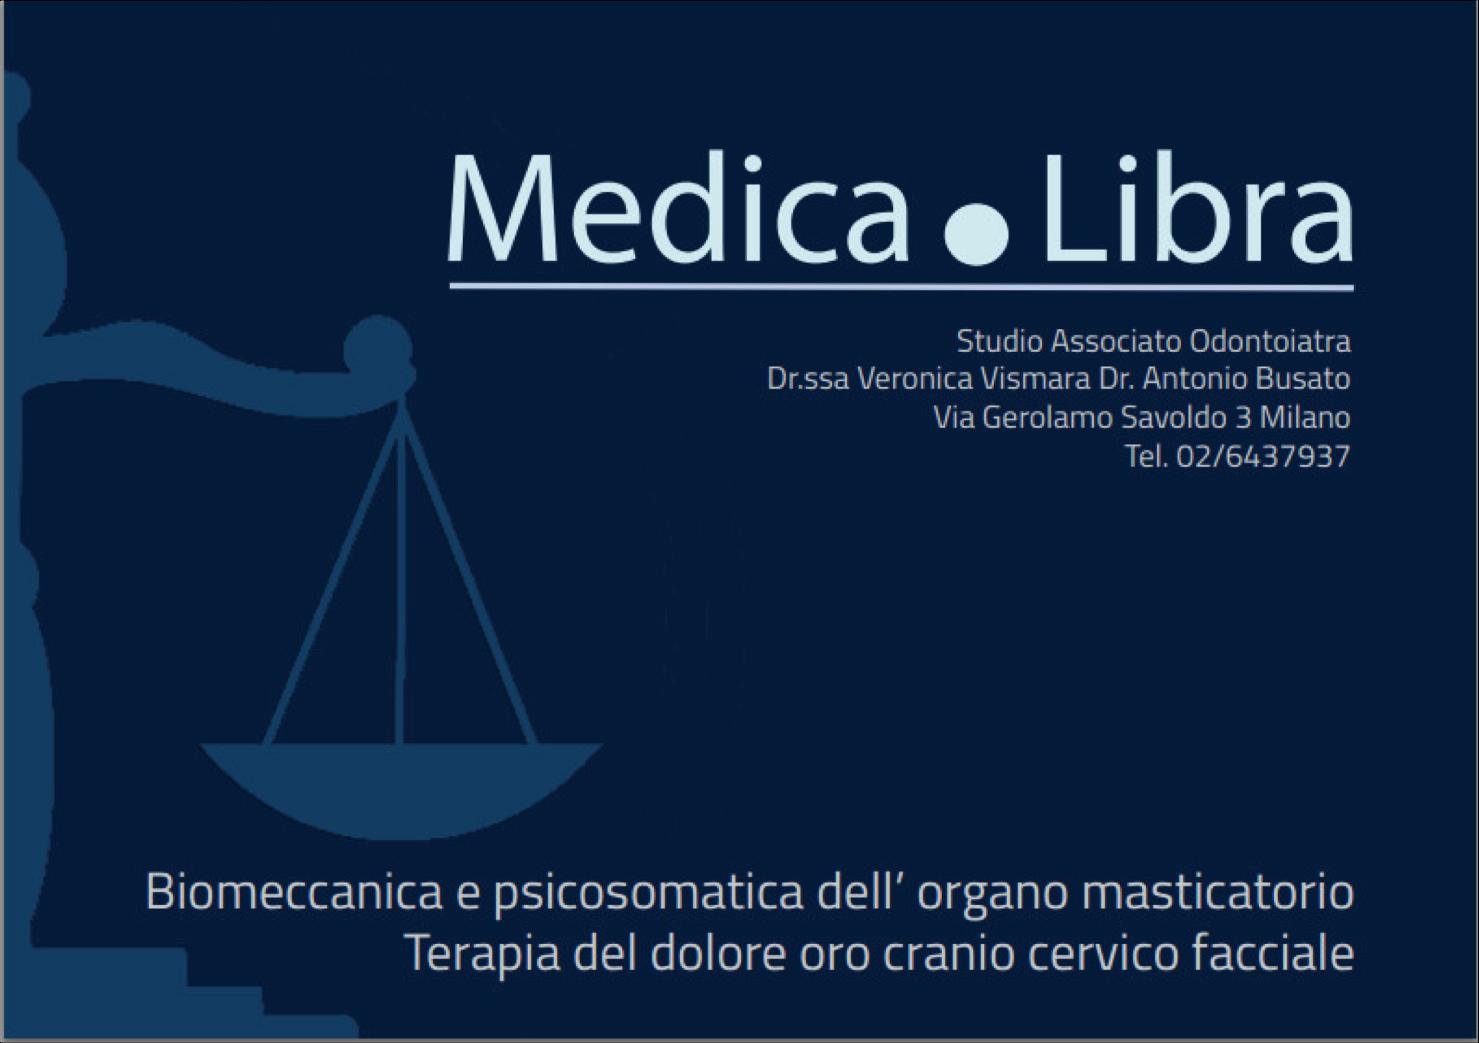 Medica-Libra biomeccanica e psicosomatica dell'organo masticatorio